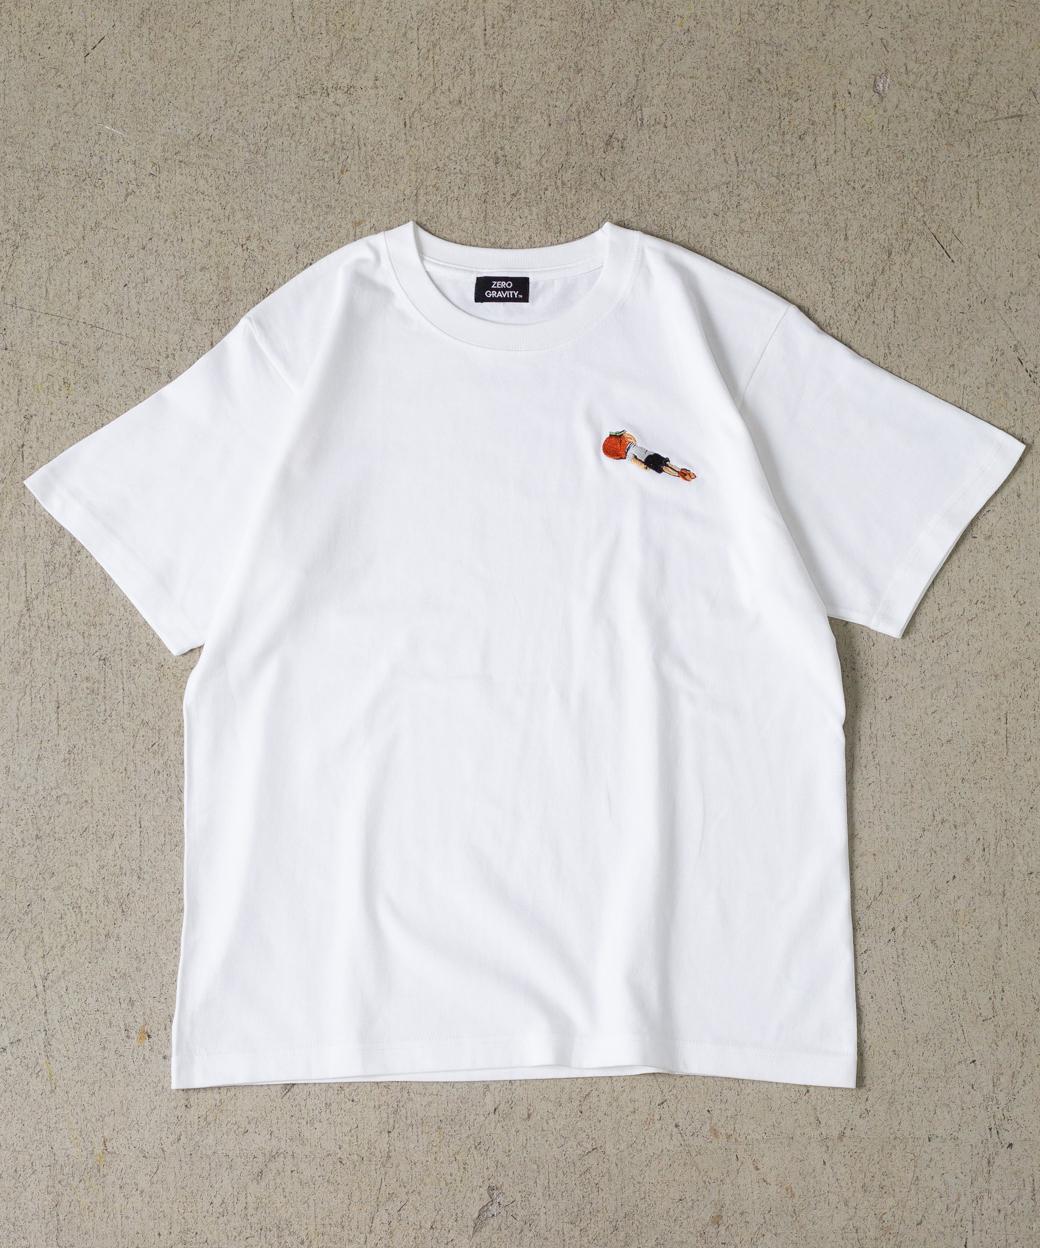 「みかん頭」 刺繍T-SHIRT RIKU